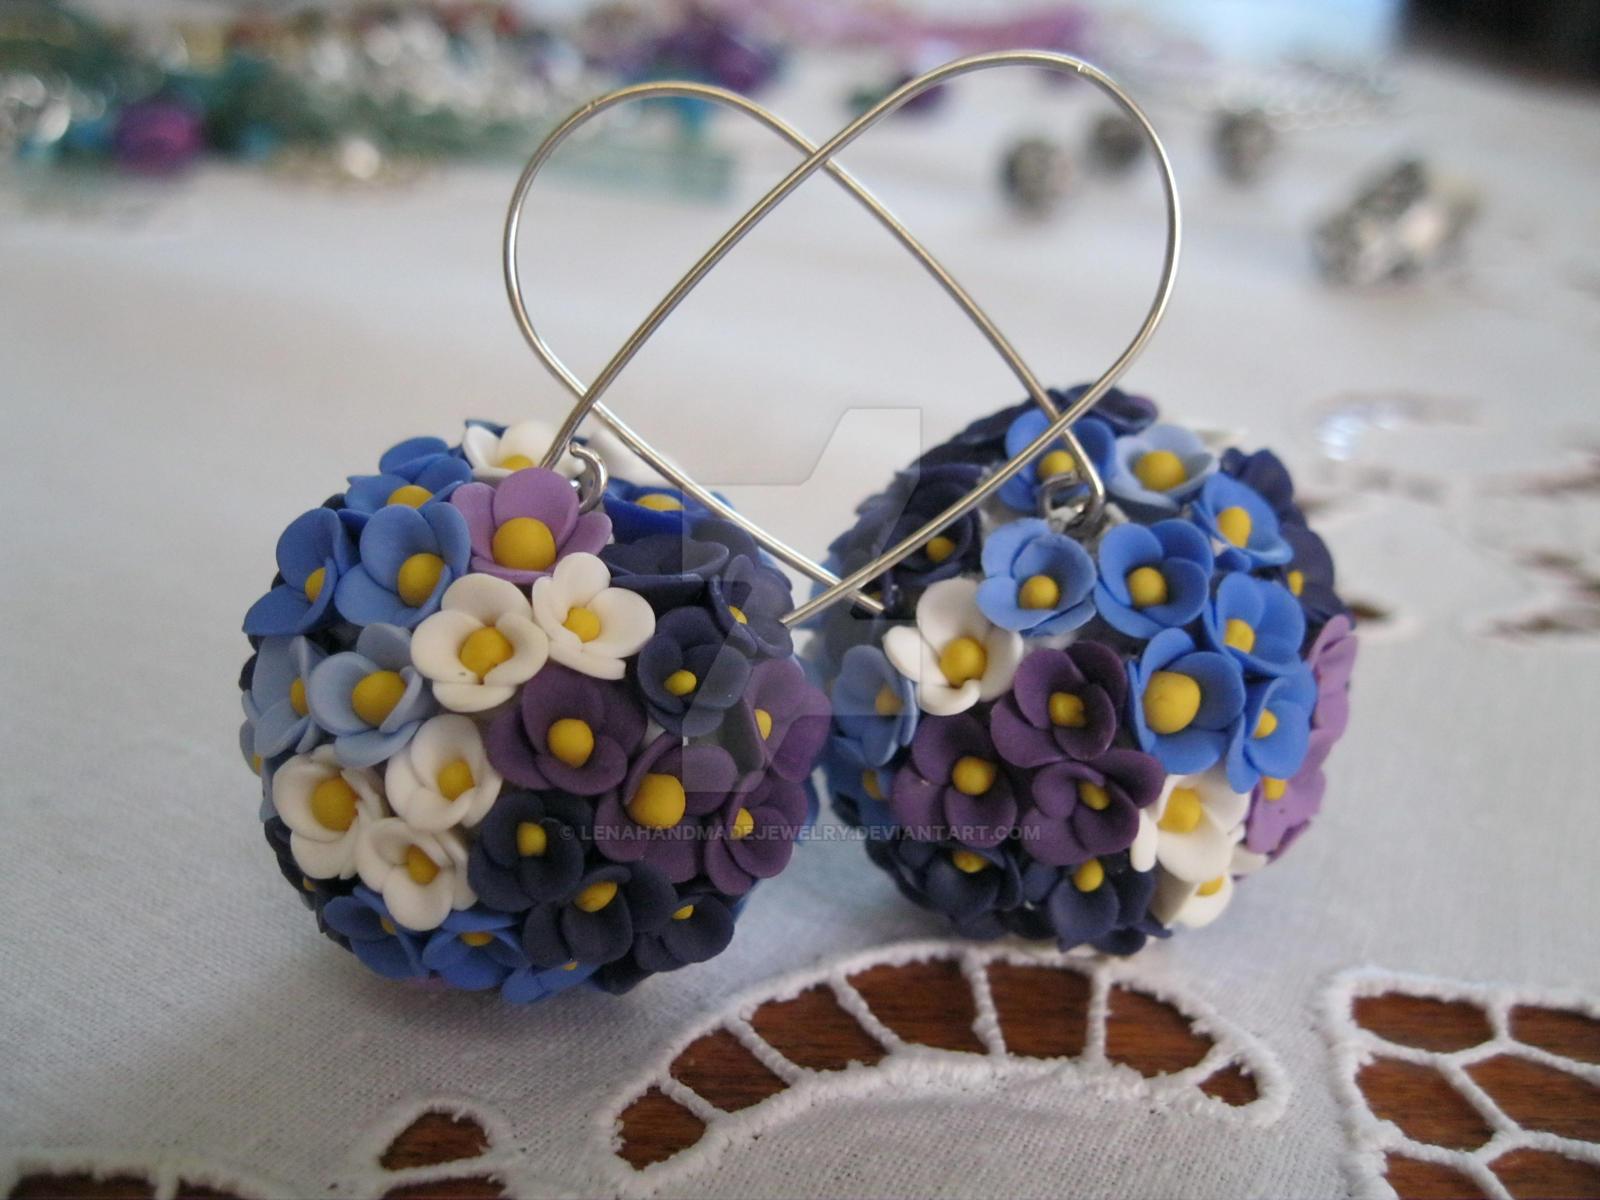 Earrings - flowers by LenaHandmadeJewelry